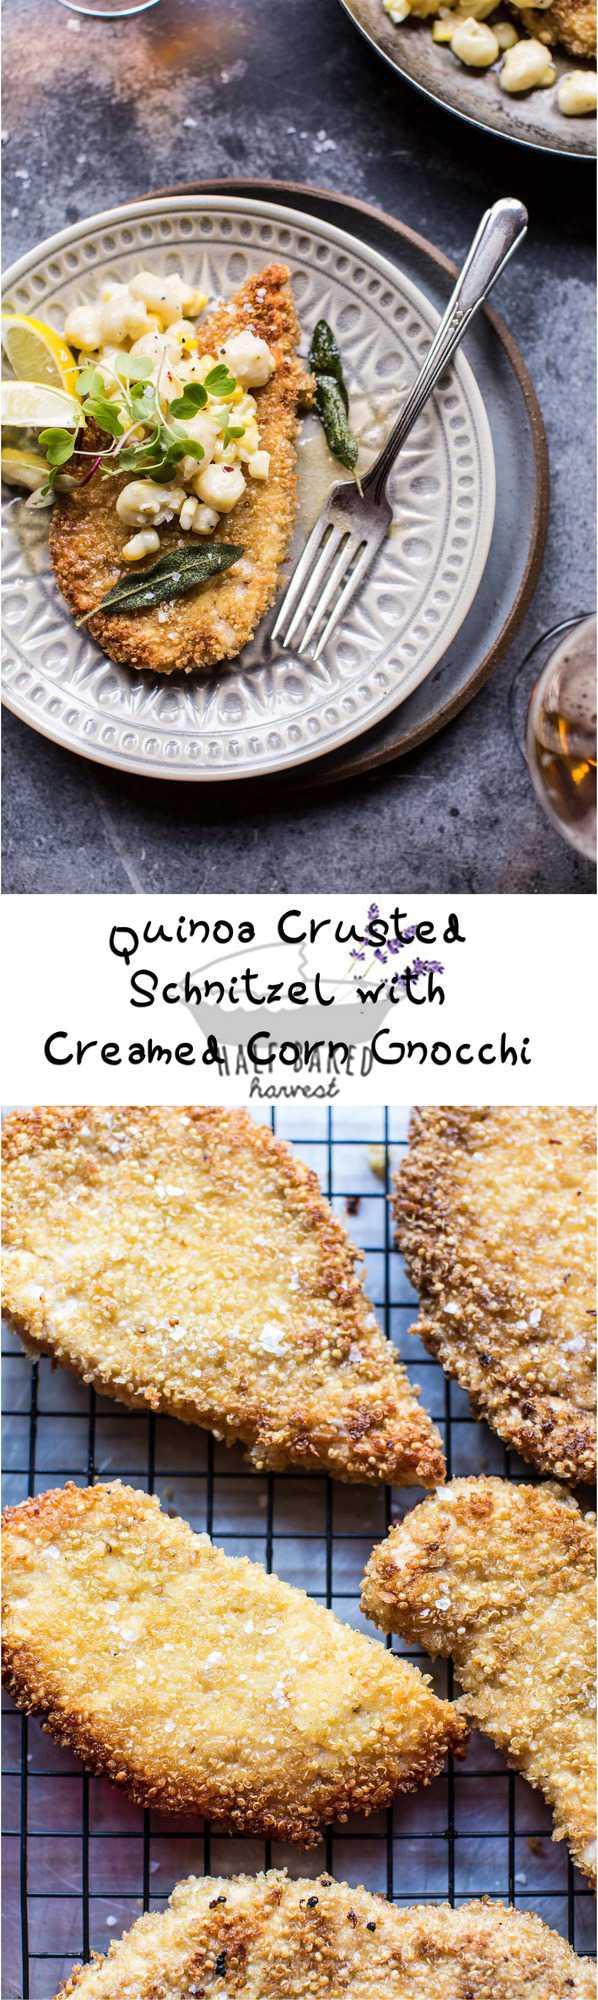 Quinoa Crusted Schnitzel with Creamed Corn Gnocchi | halfbakedharvest.com @hbharvest